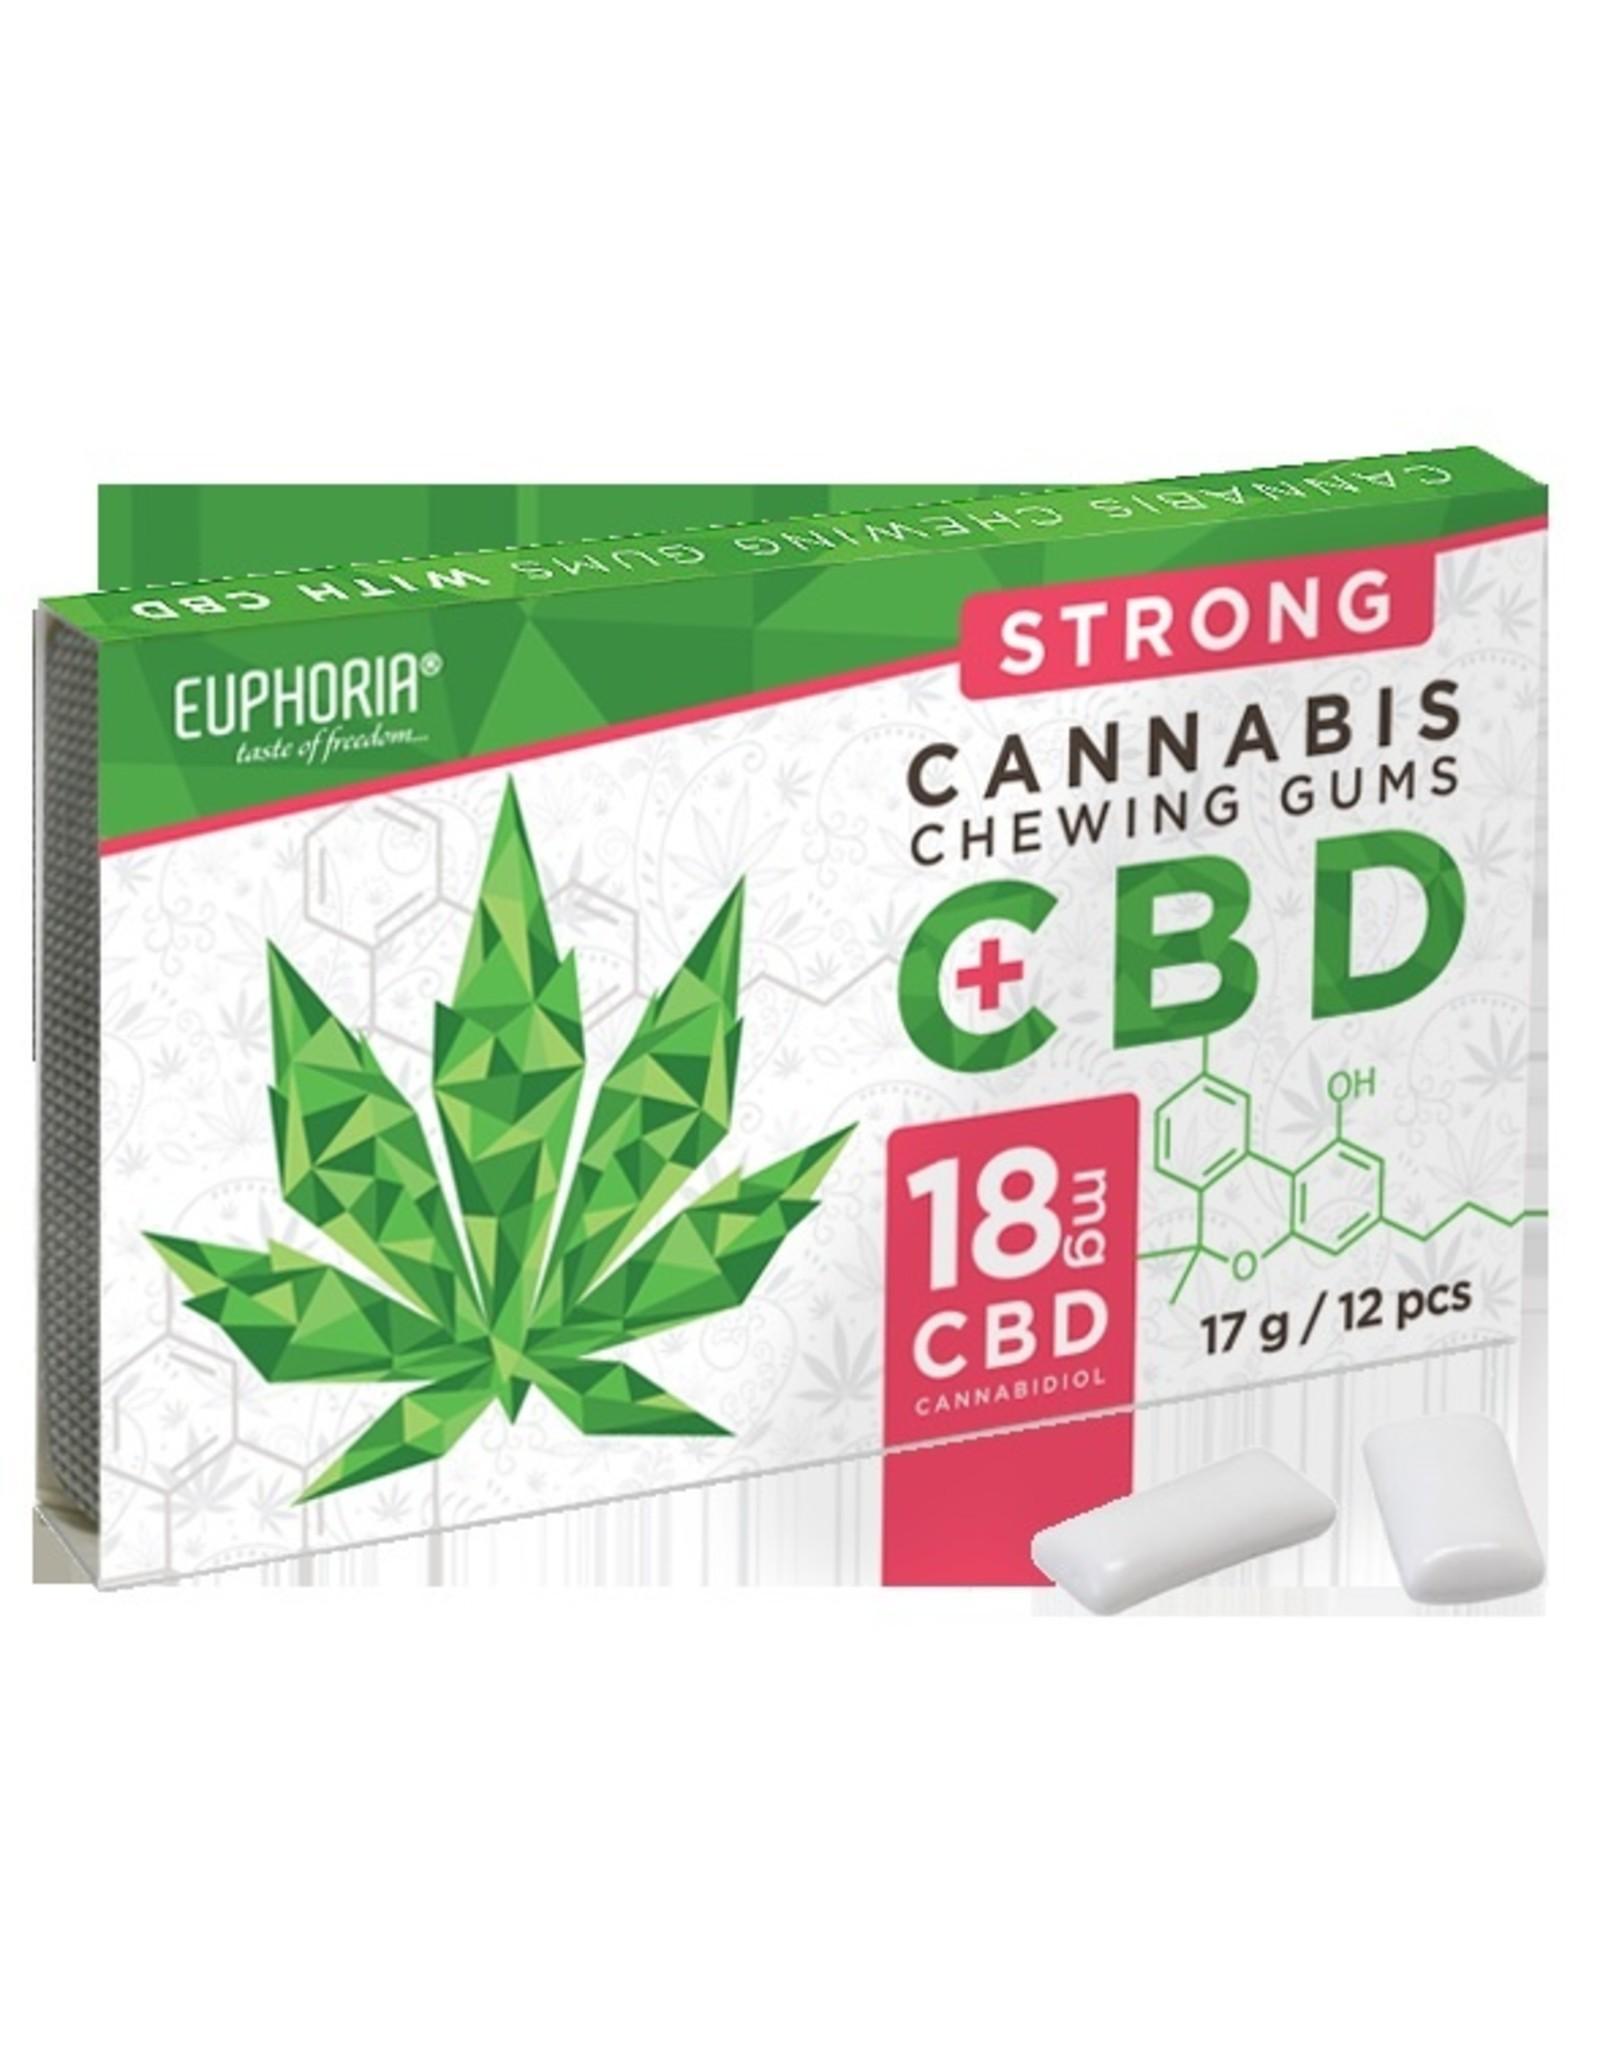 Euphoria Euphoria CBD Chewing Gums 18mg